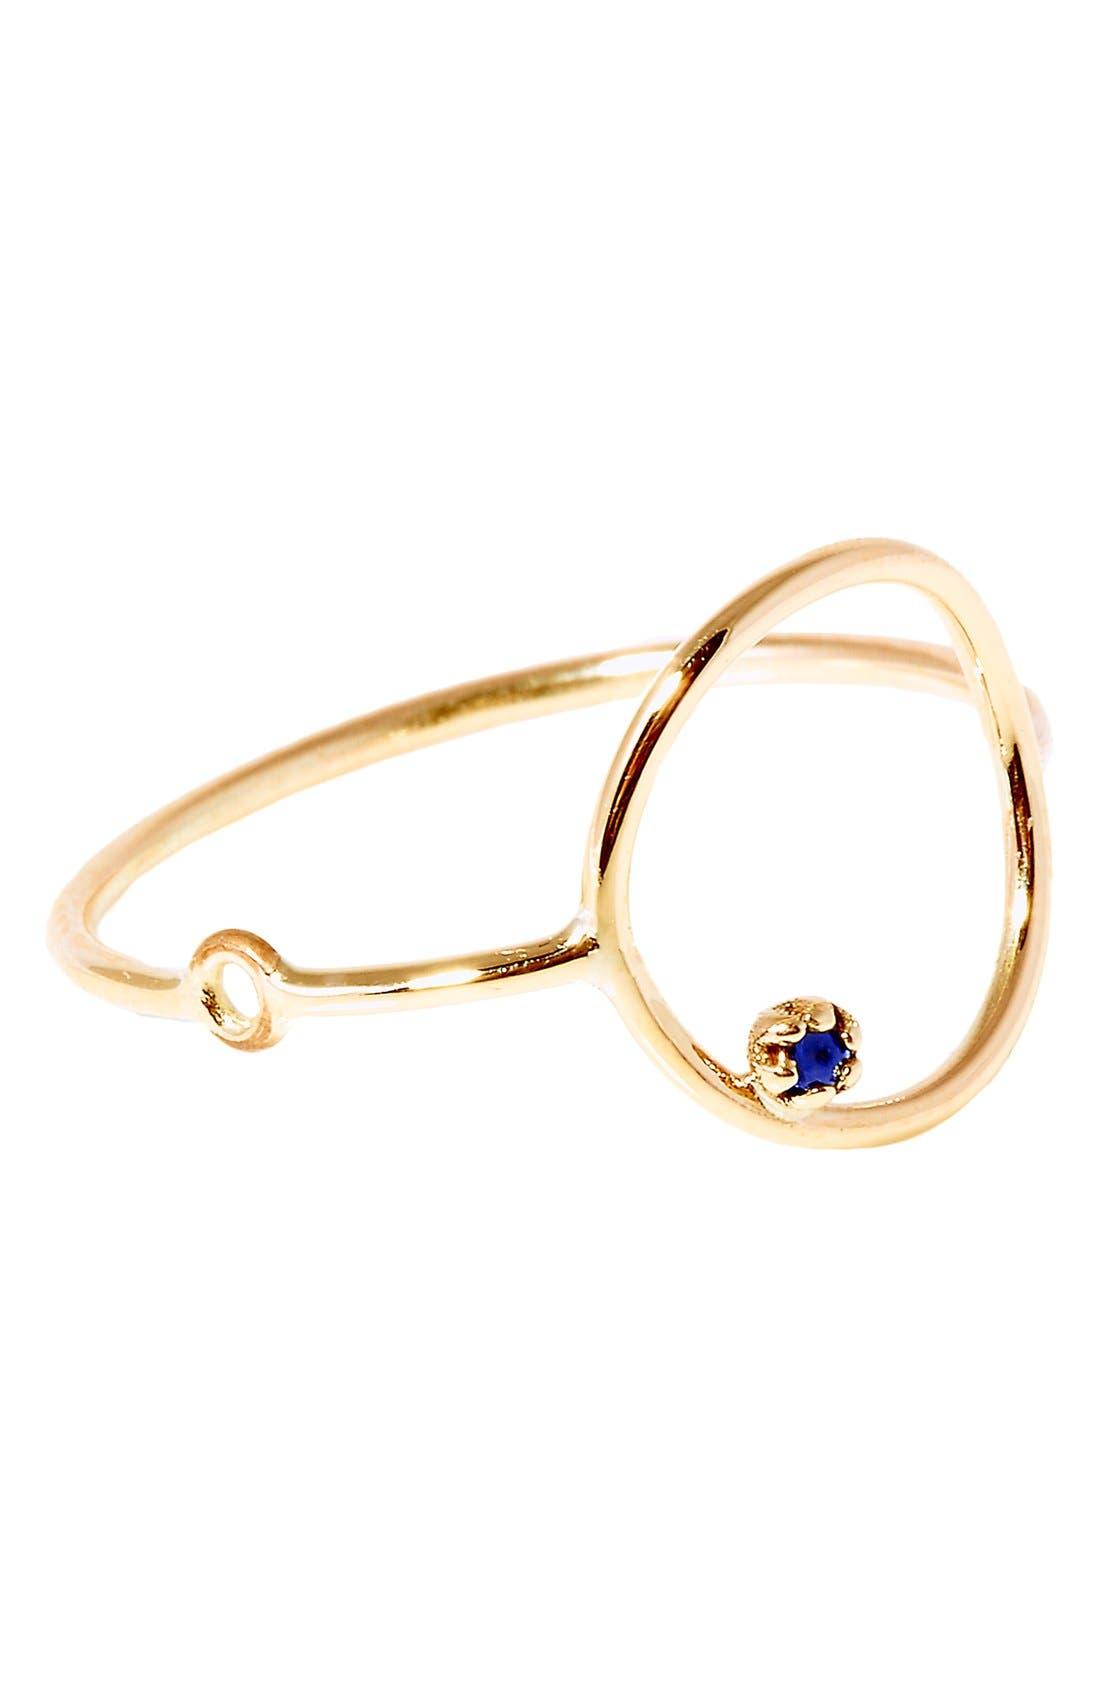 Main Image - SARAH & SEBASTIAN 'Stone Bubble' Gold & Sapphire Ring